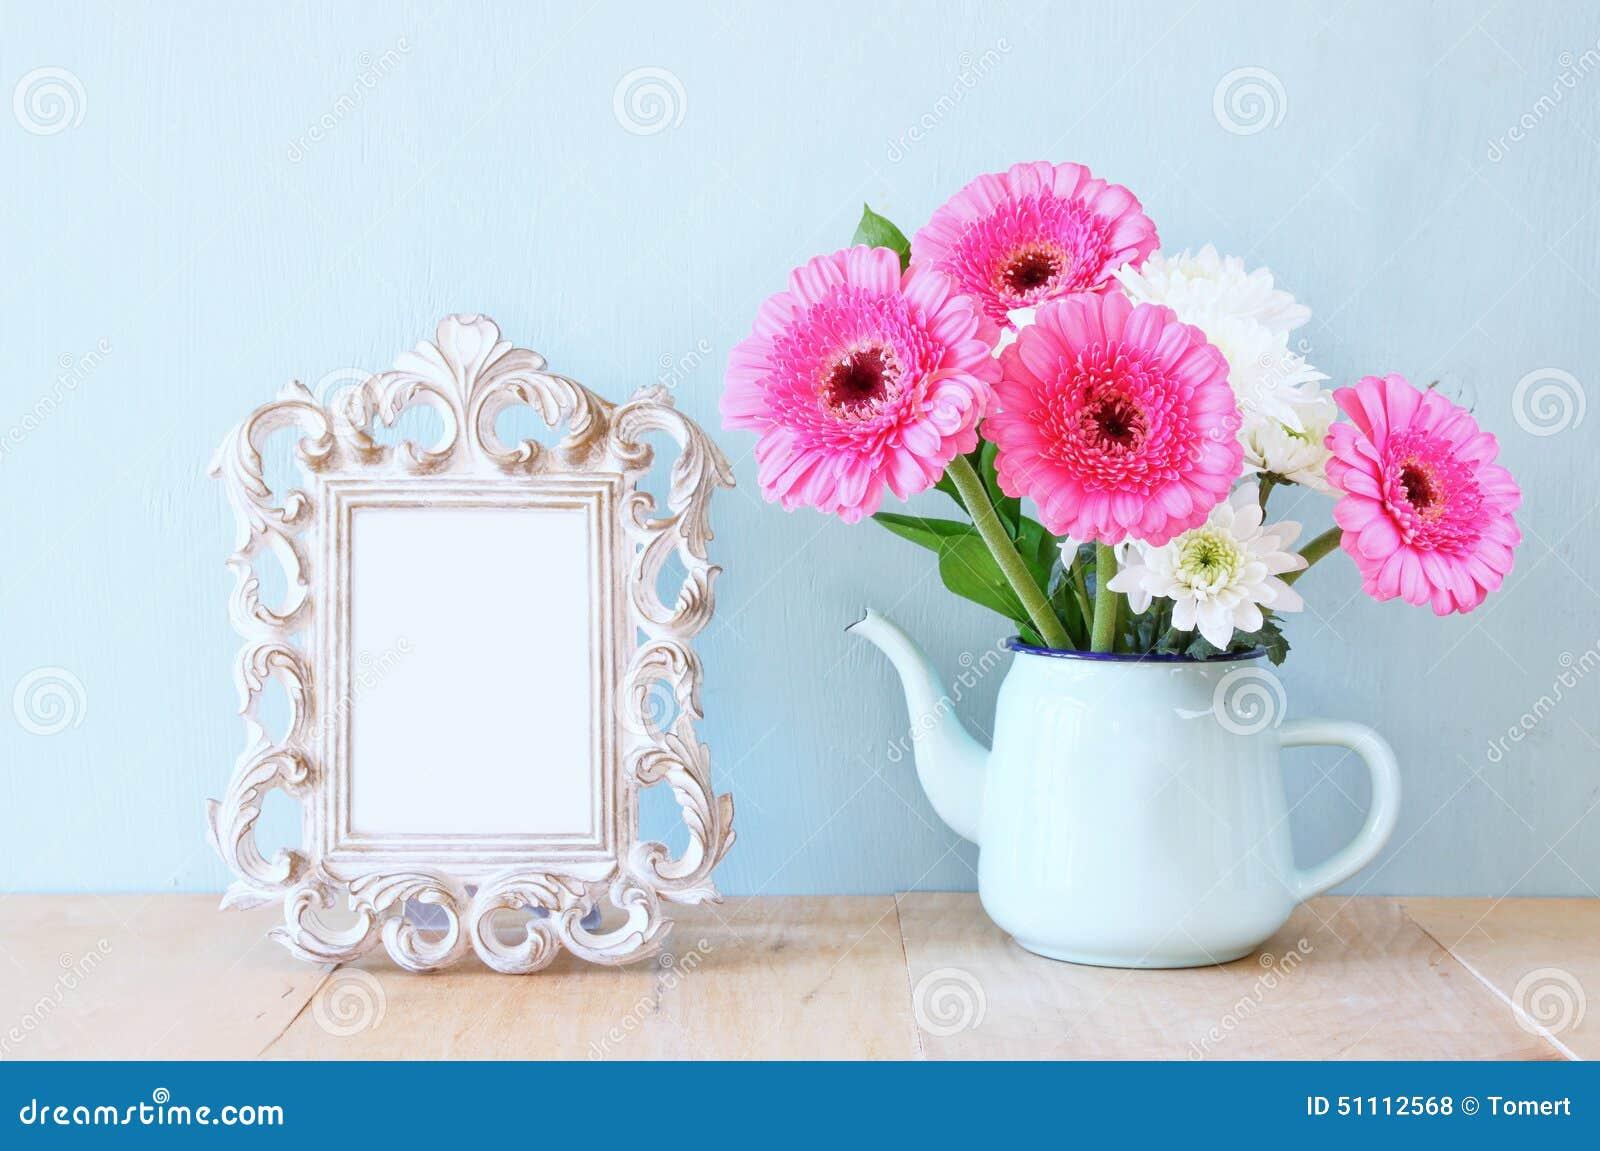 bouquet d 39 t des fleurs et du cadre de victorian sur la table en bois avec le fond en bon tat. Black Bedroom Furniture Sets. Home Design Ideas